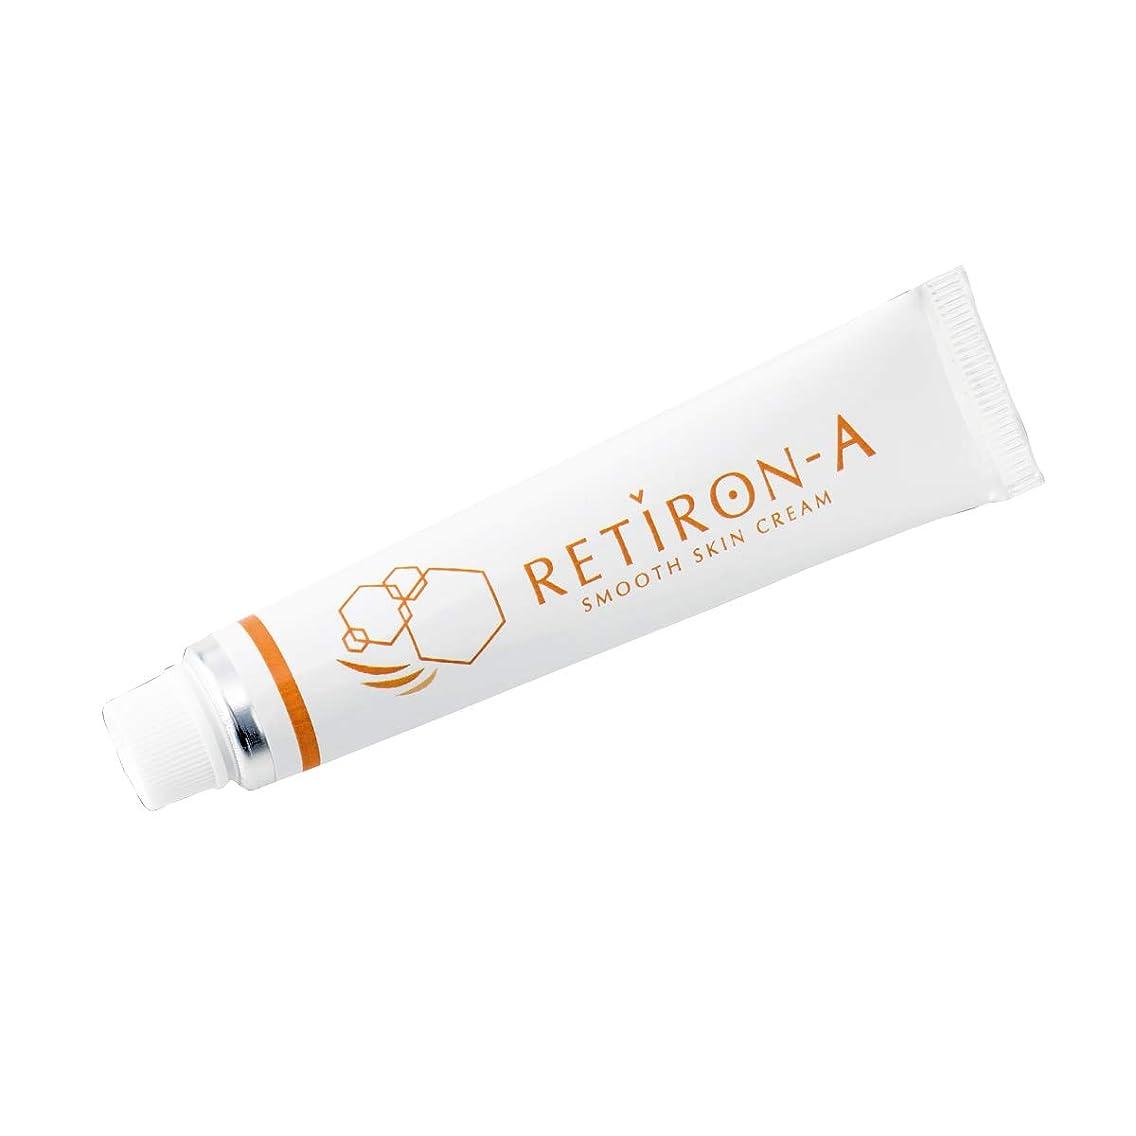 世界の窓ライナー尊厳クリーム 化粧品 レチノール配合 レチロンA パラベンフリー